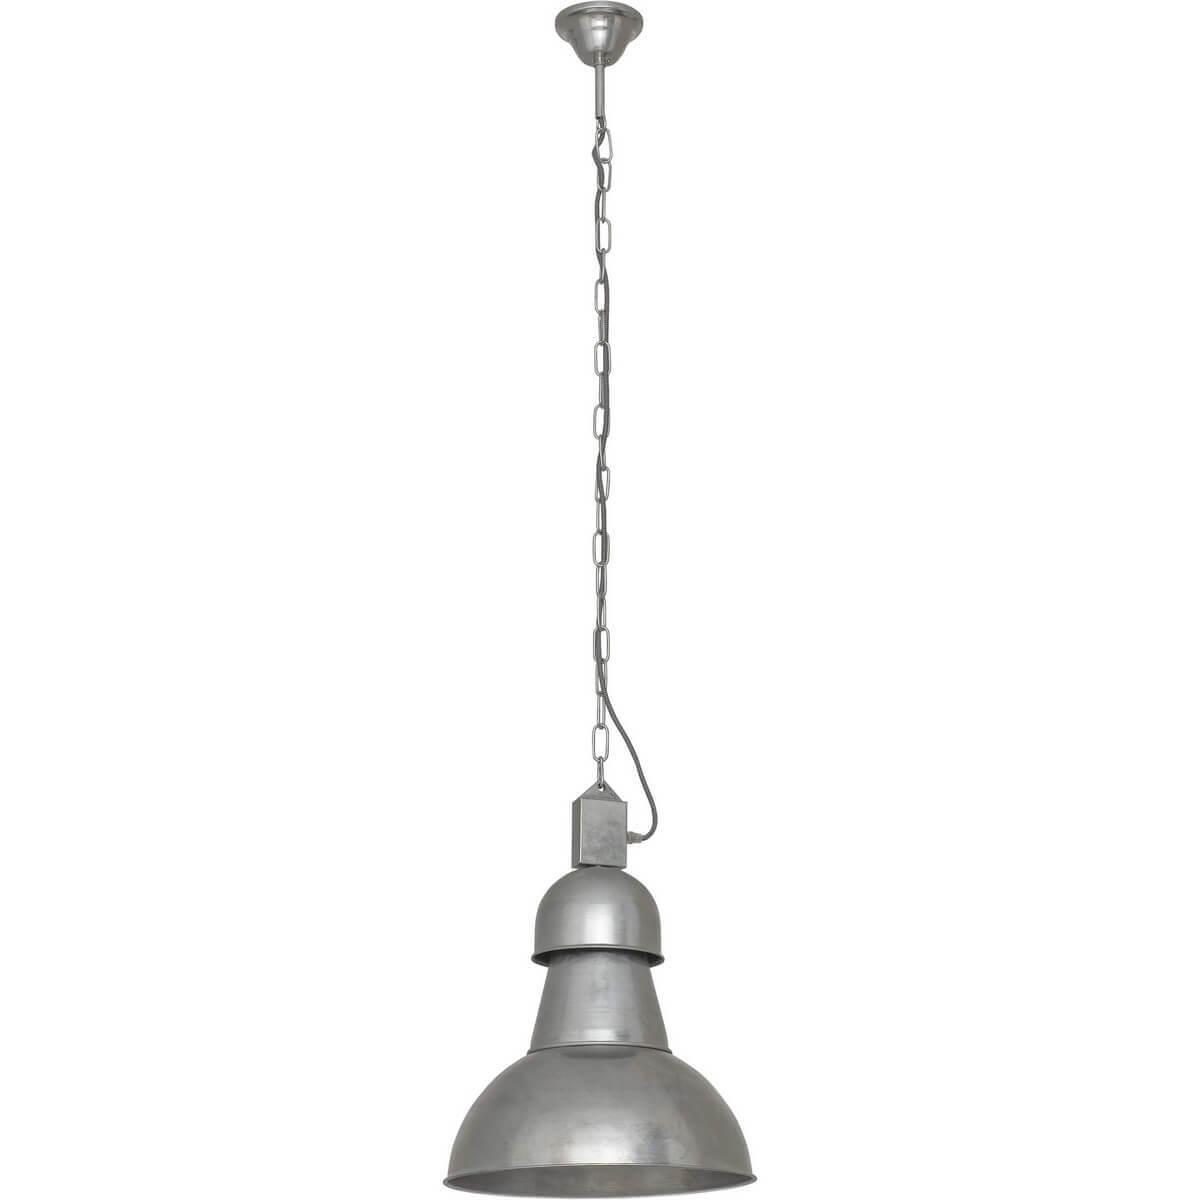 Подвесной светильник Nowodvorski High-Bay 5068 недорого